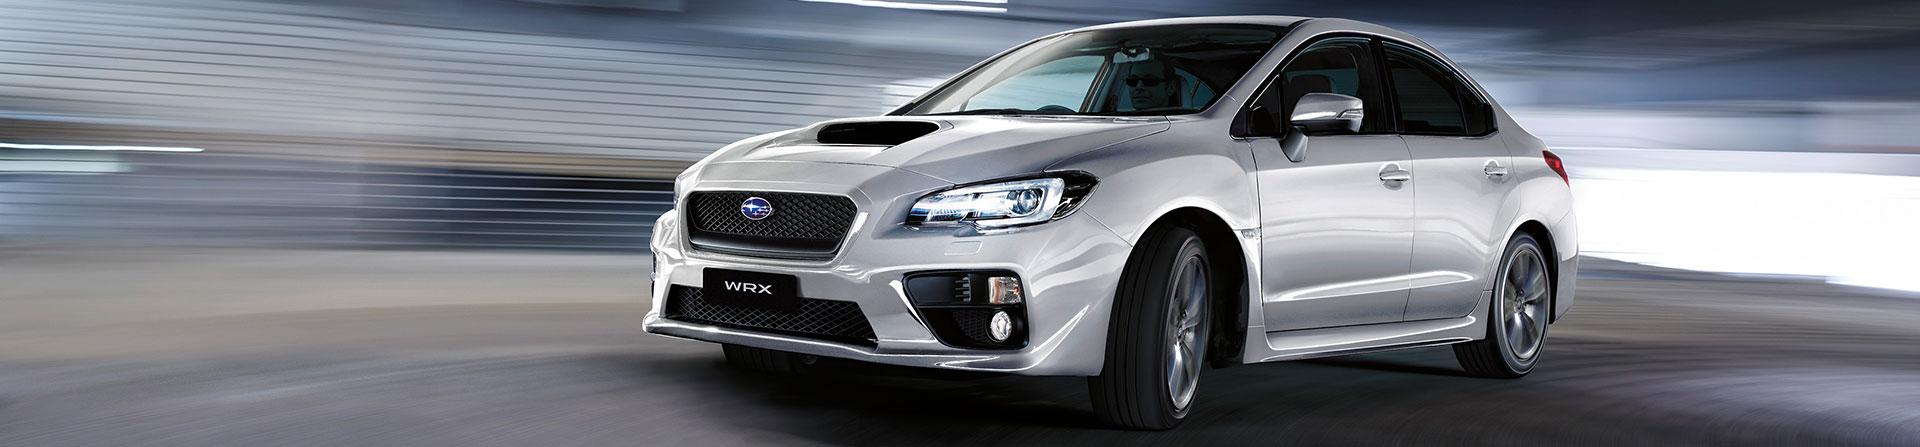 Subaru WRX Image 0